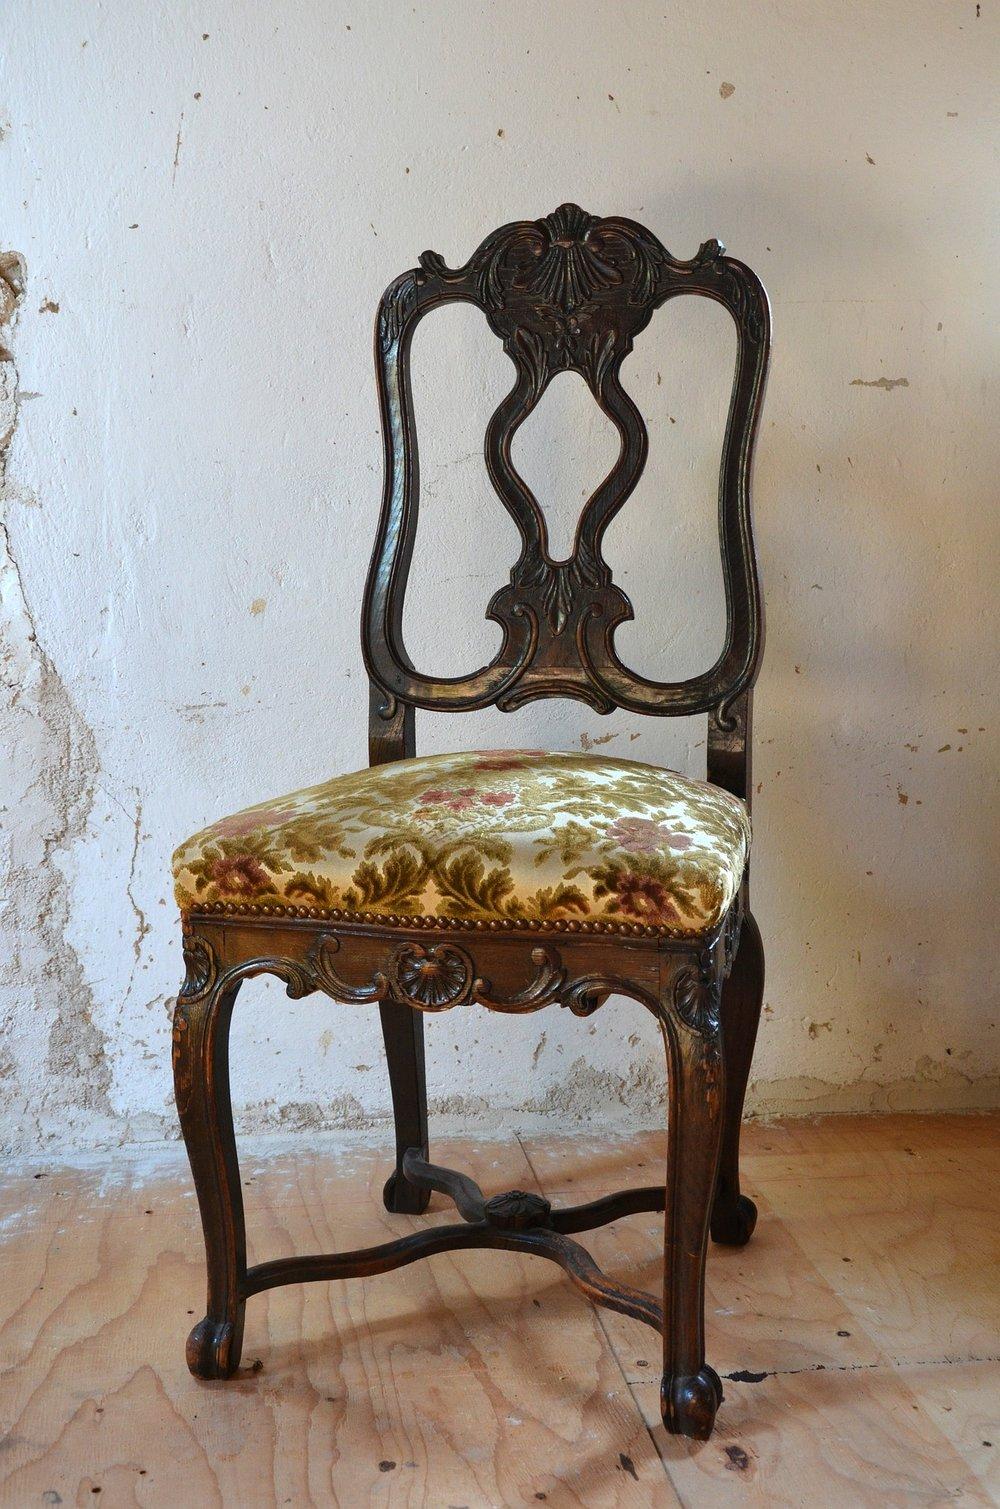 chair-481002_1920.jpg